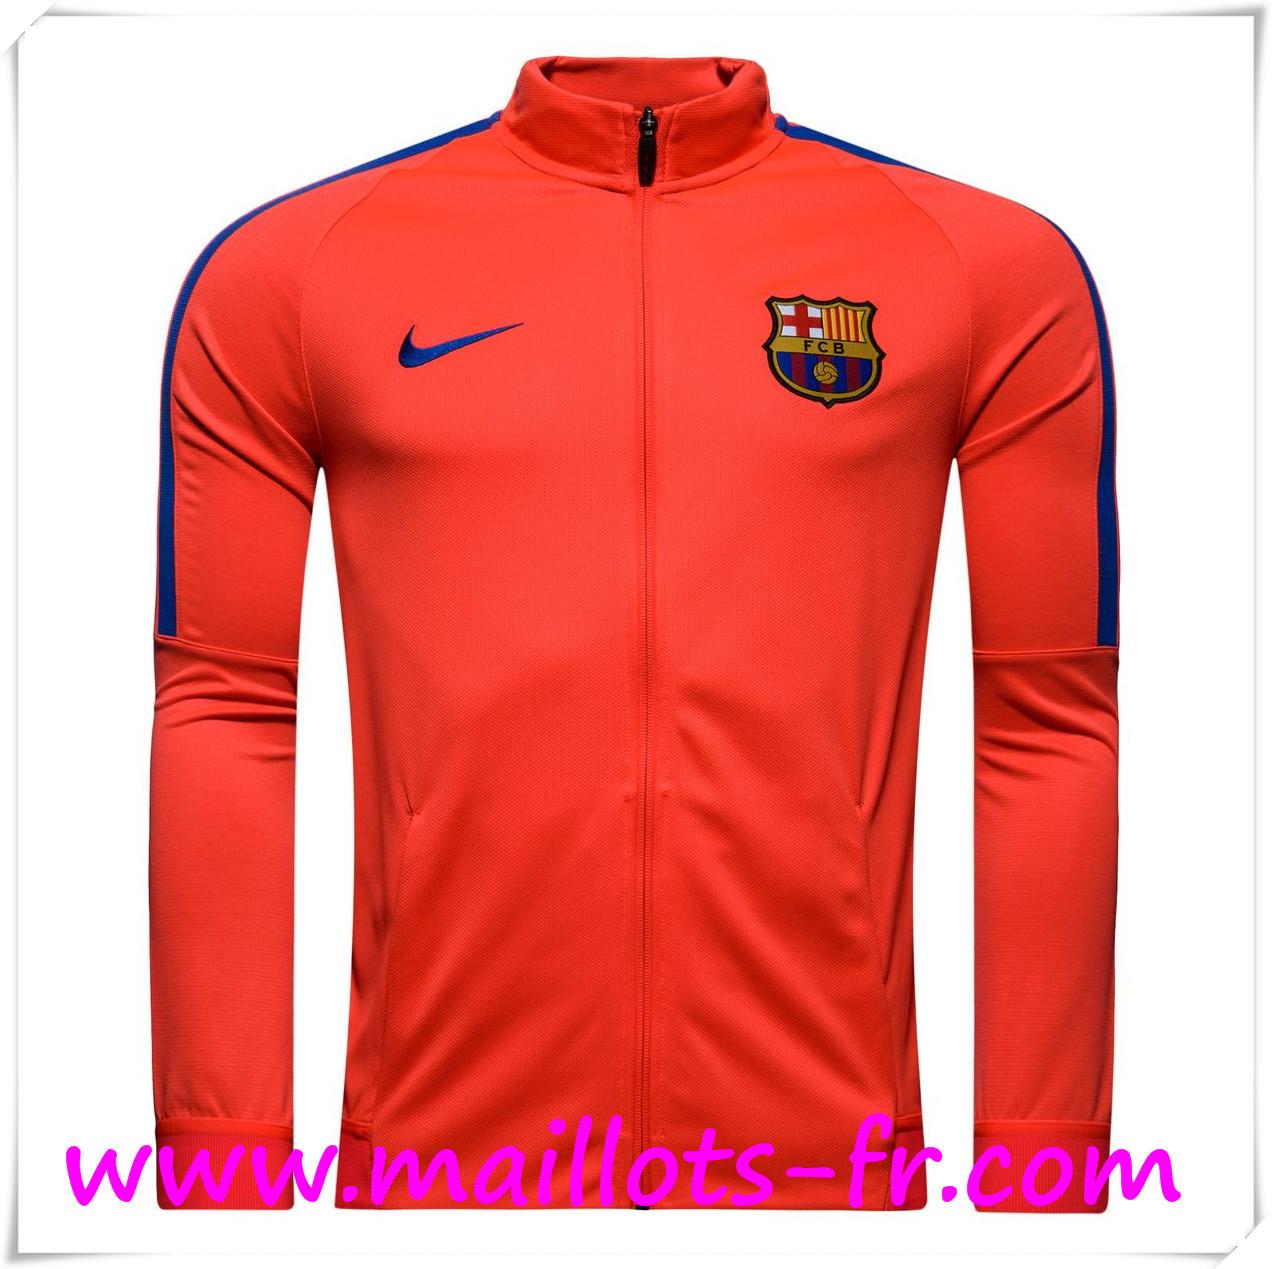 Maillot Extérieur FC Barcelona Vestes